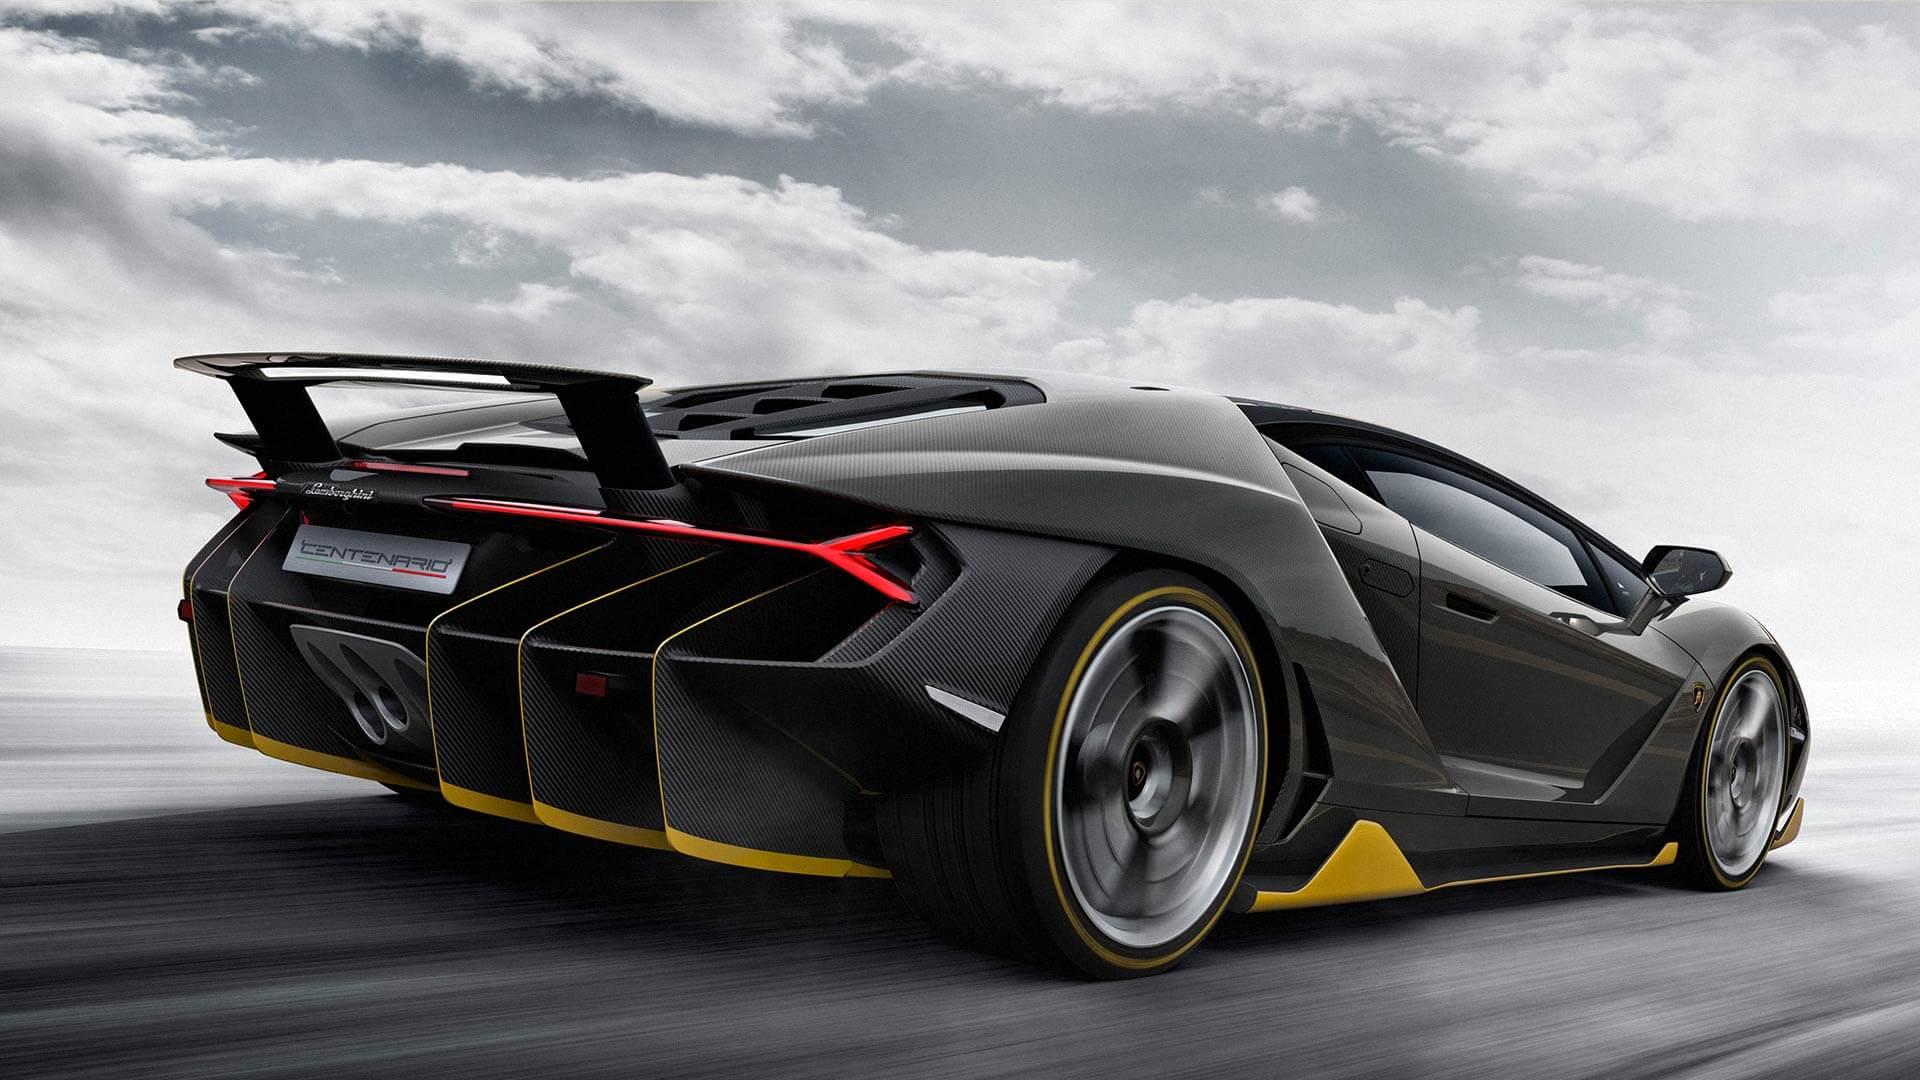 Lamborghini Centenario top